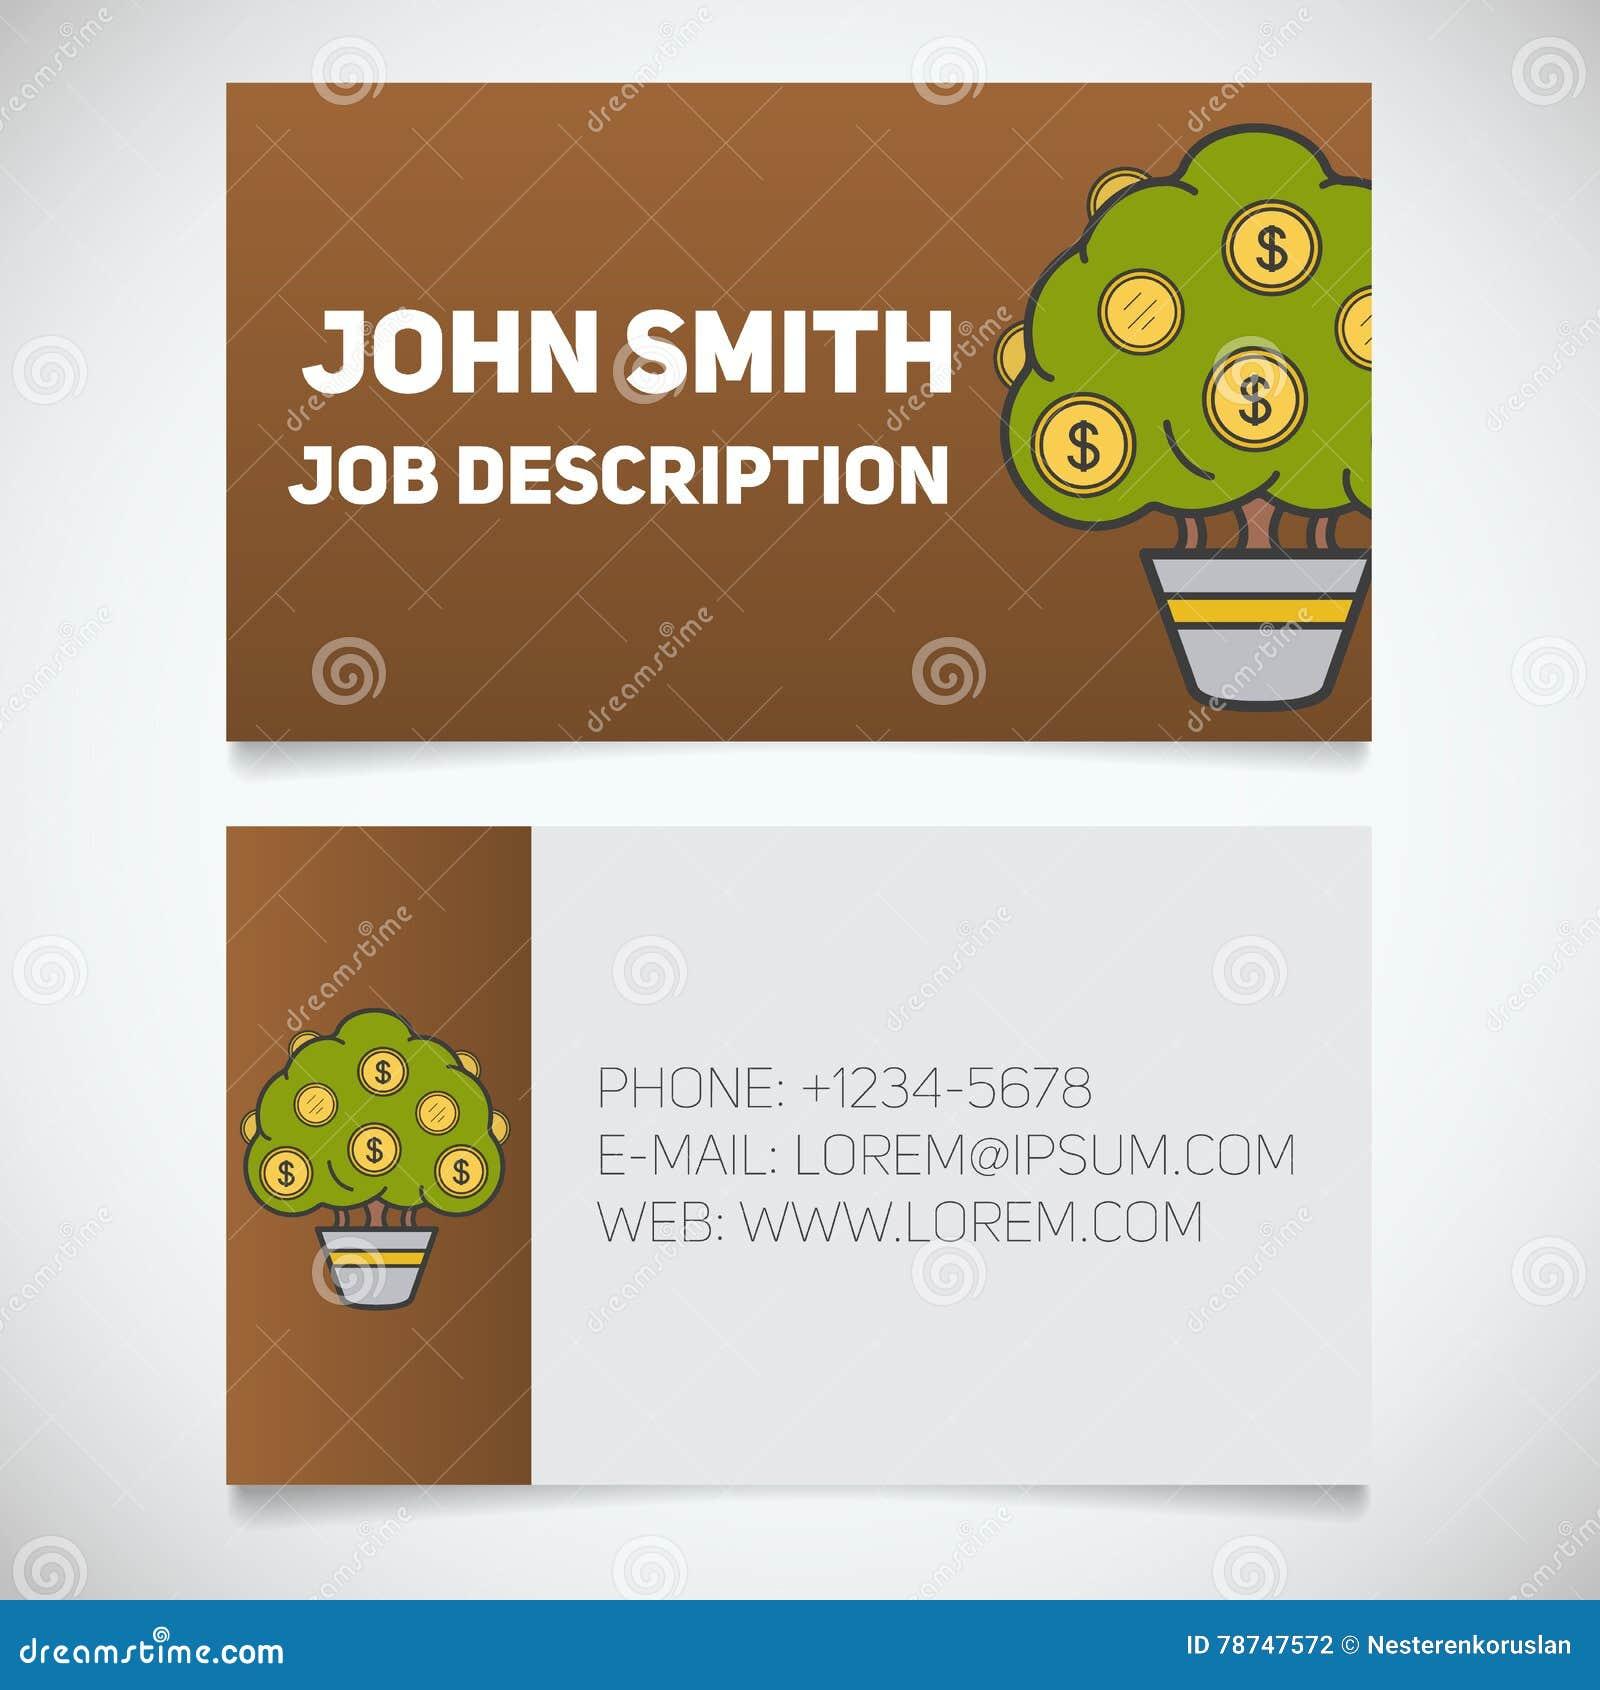 Calibre Dimpression De Carte Visite Professionnelle Avec Le Logo Darbre Dargent Facile Ditez Homme Daffaires Investisseur Concept